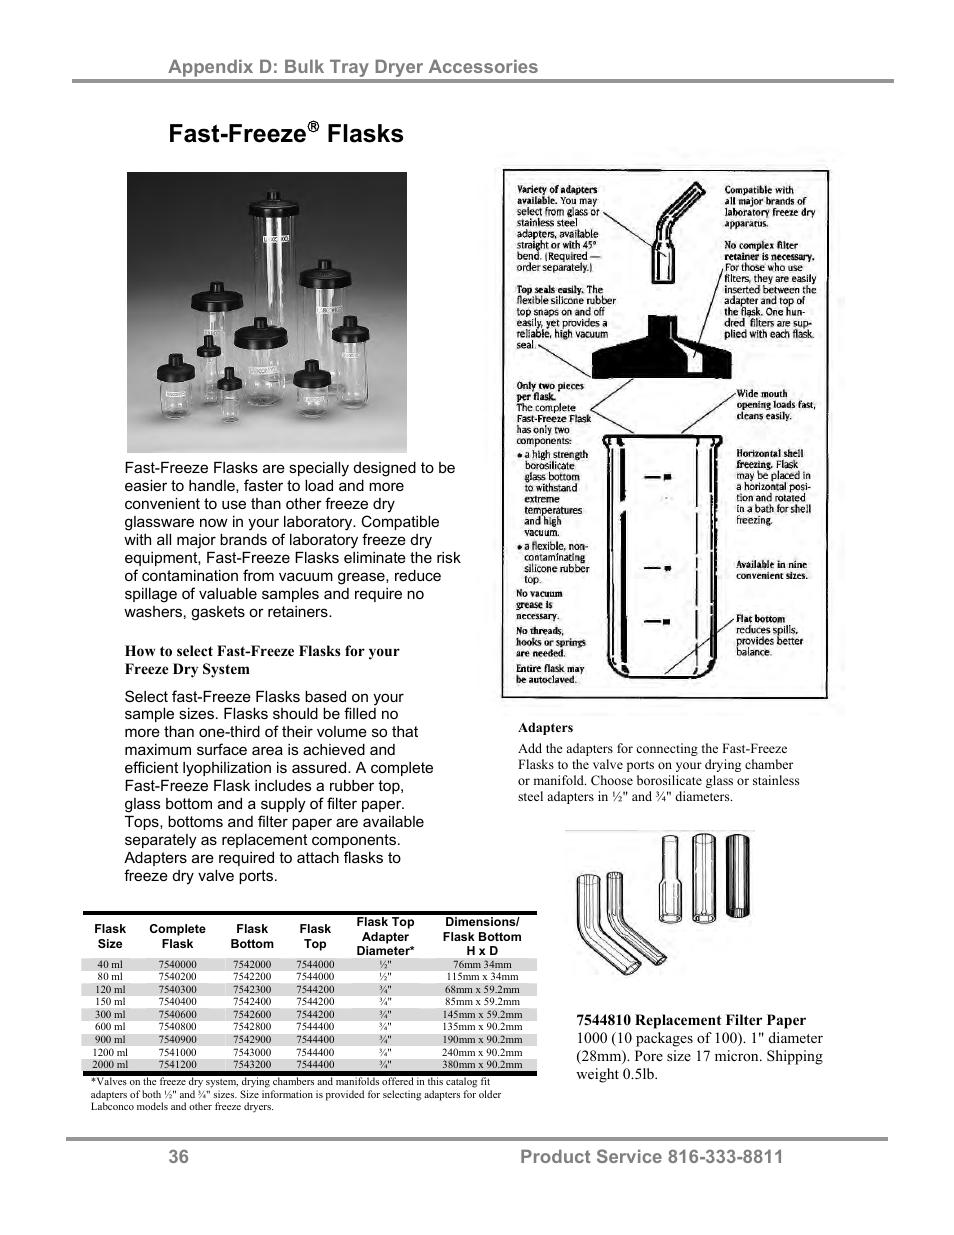 Fast-freeze, Flasks | Labconco FreeZone Bulk Tray Dryer